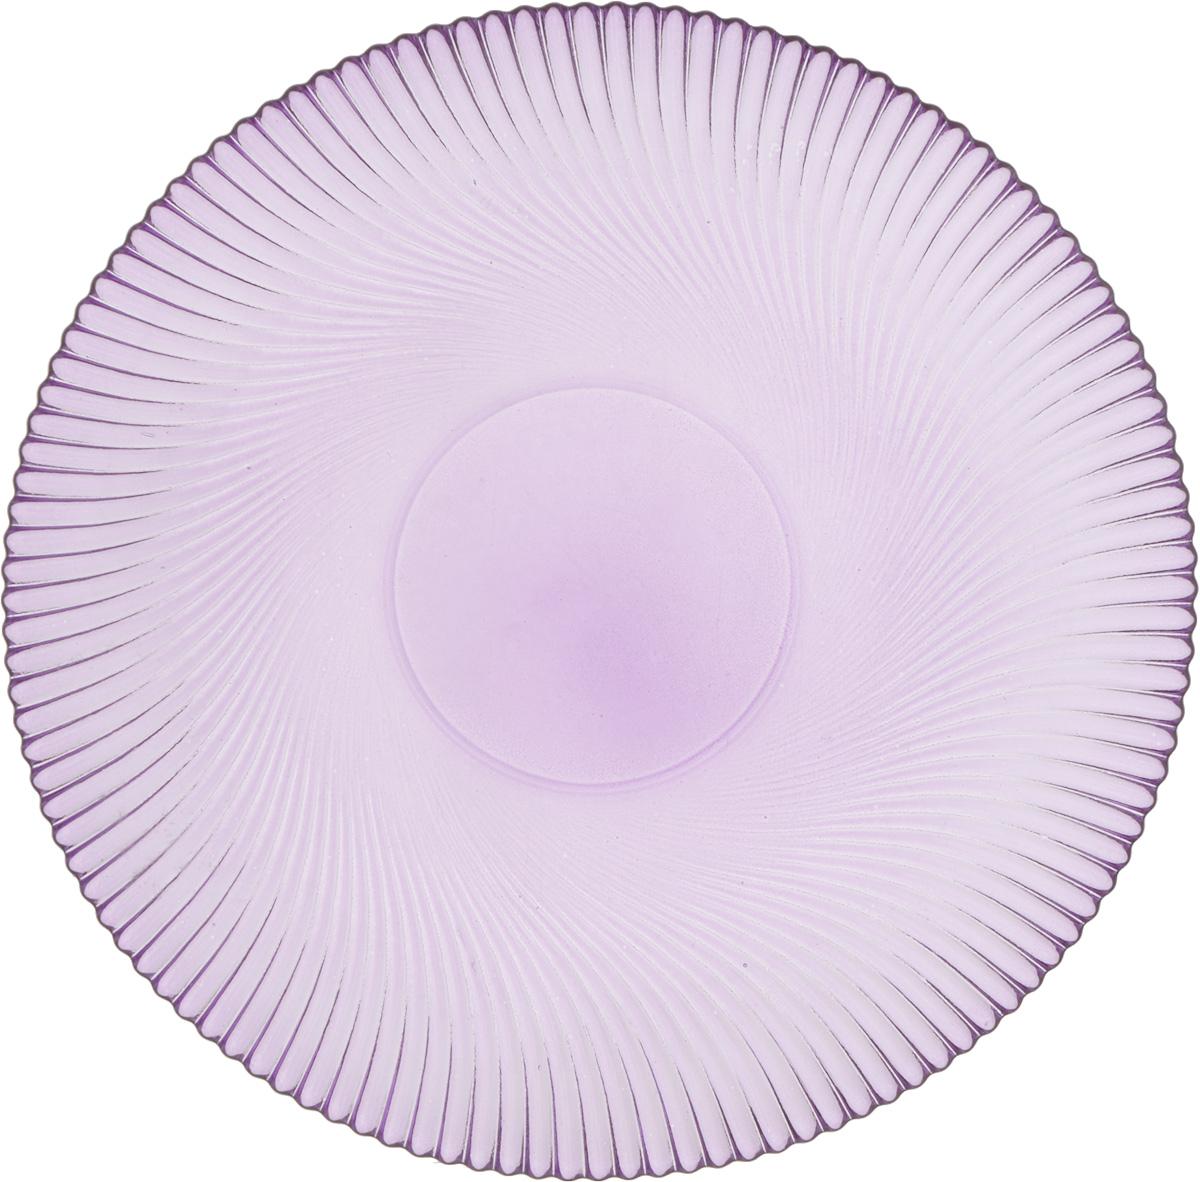 Тарелка NiNaGlass Альтера, цвет: сиреневый, диаметр 26 см115510Тарелка NiNaGlass Альтера выполнена из высококачественного стекла и имеет рельефную поверхность. Она прекрасно впишется в интерьер вашей кухни и станет достойным дополнением к кухонному инвентарю.Не рекомендуется использовать в микроволновой печи и мыть в посудомоечной машине.